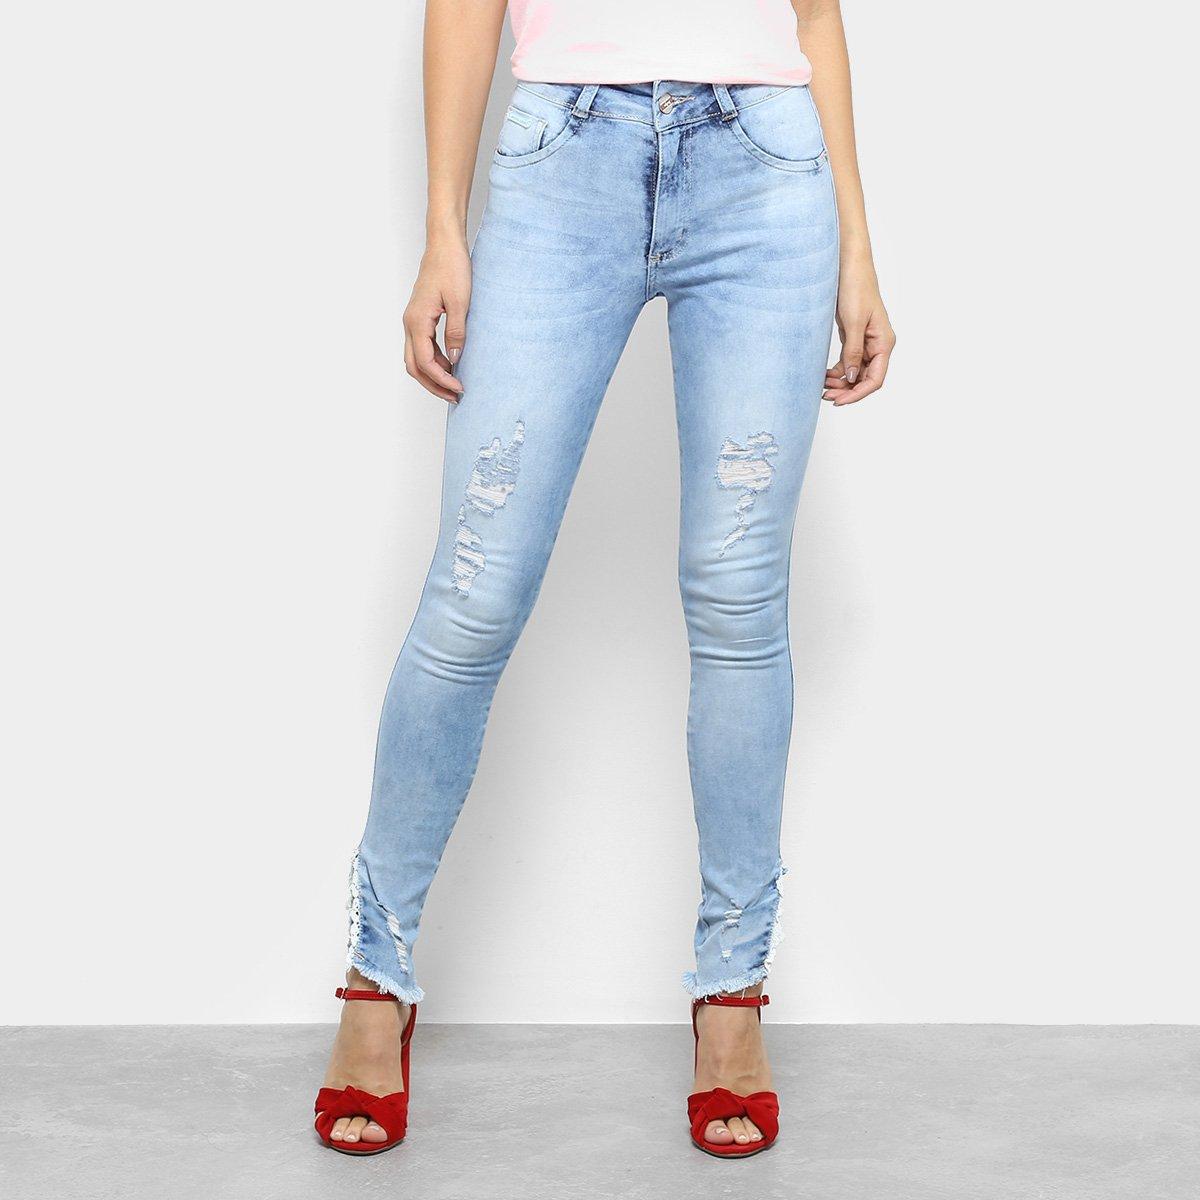 147d6d680 ... Calça Jeans Skinny Biotipo Cintura Média Feminina